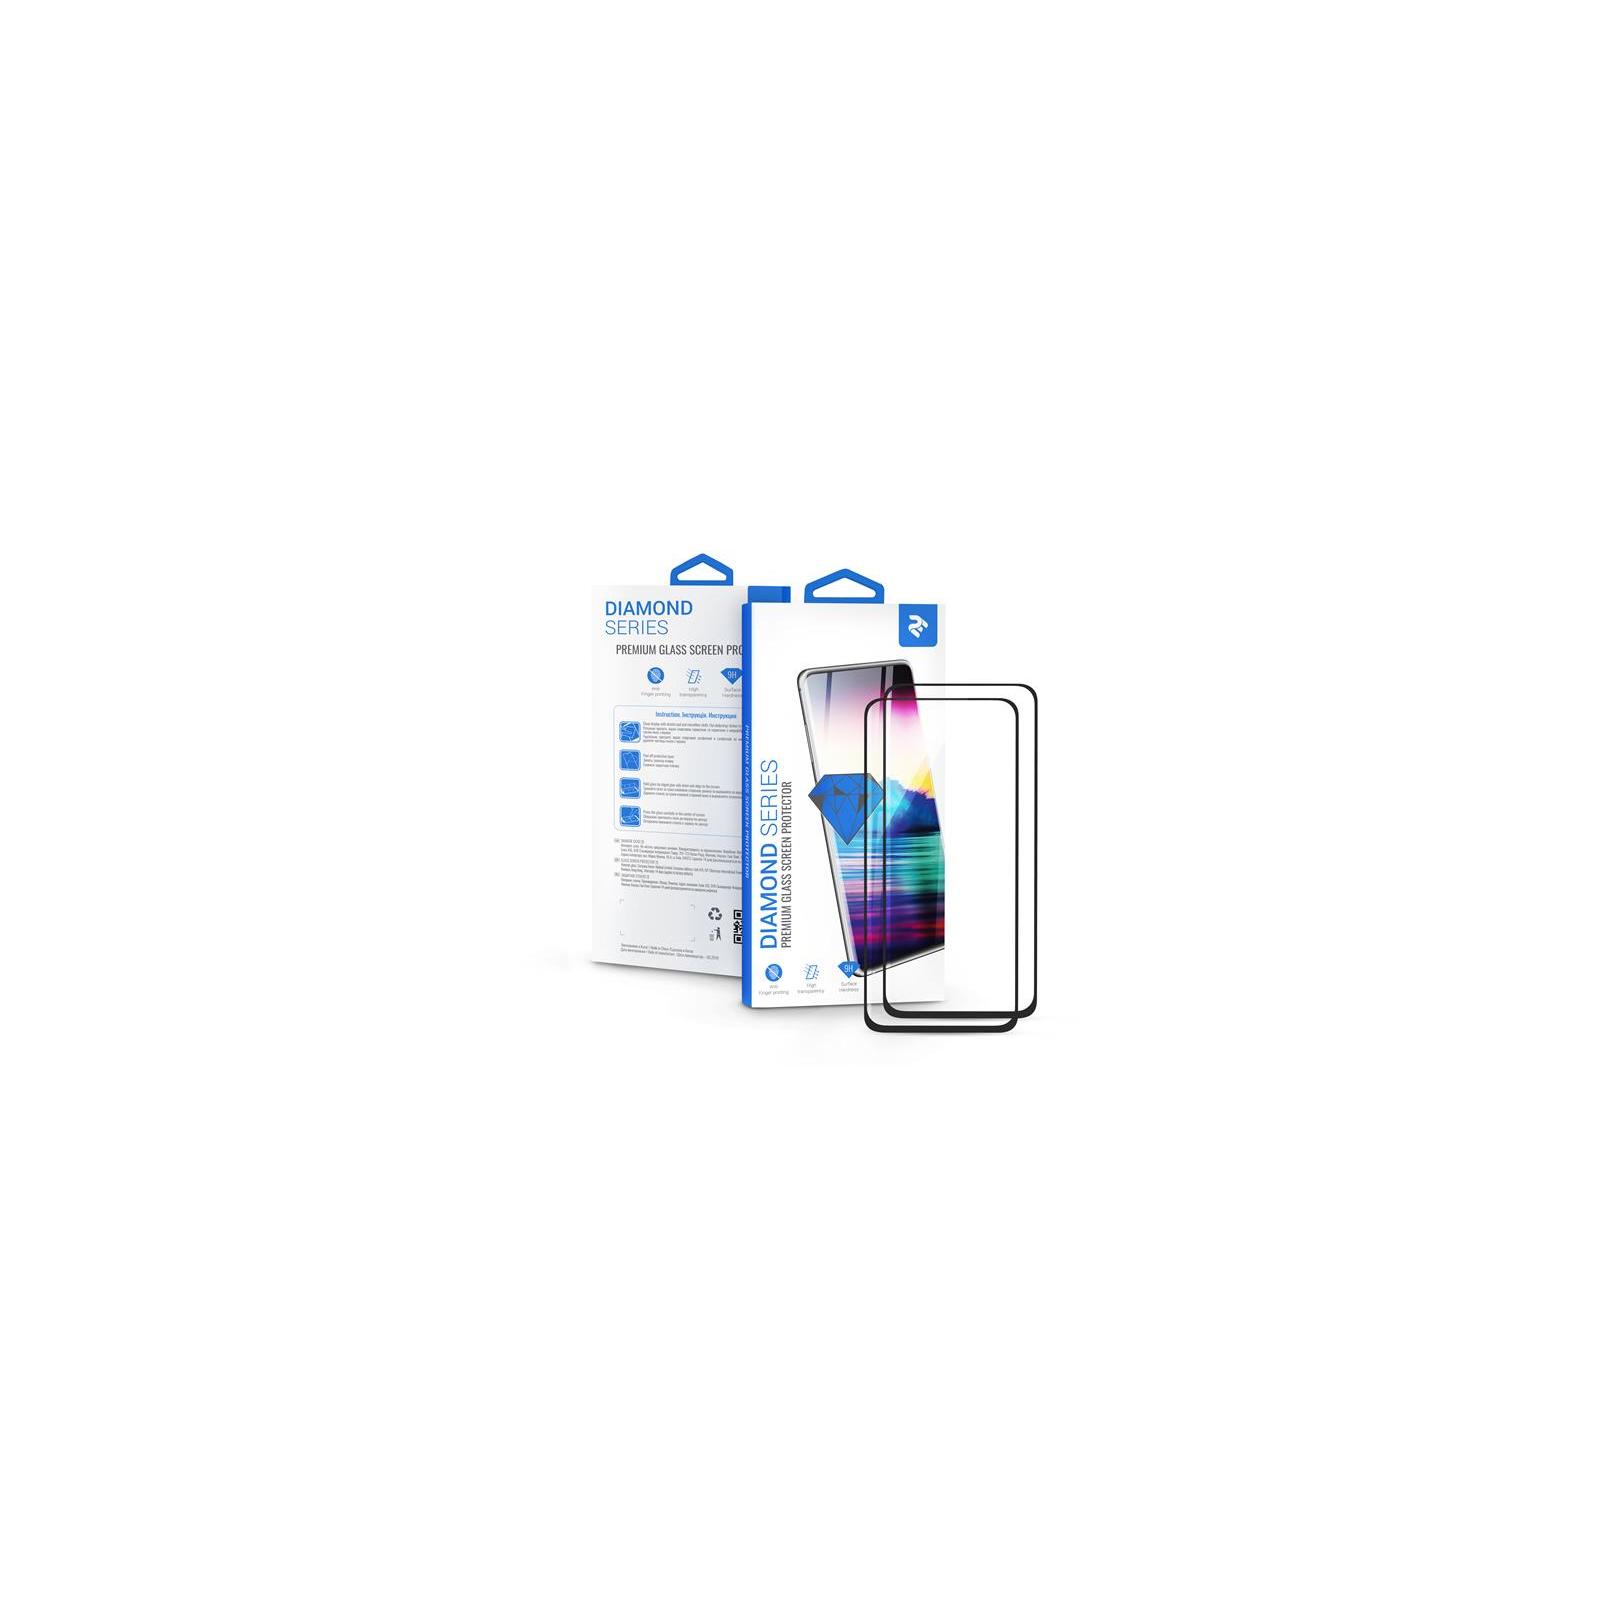 Стекло защитное 2E Xiaomi Redmi Note 8 , 2.5D FCFG, black border (2in1) (2E-MI-N8-LTFCFG-BB-2IN1)